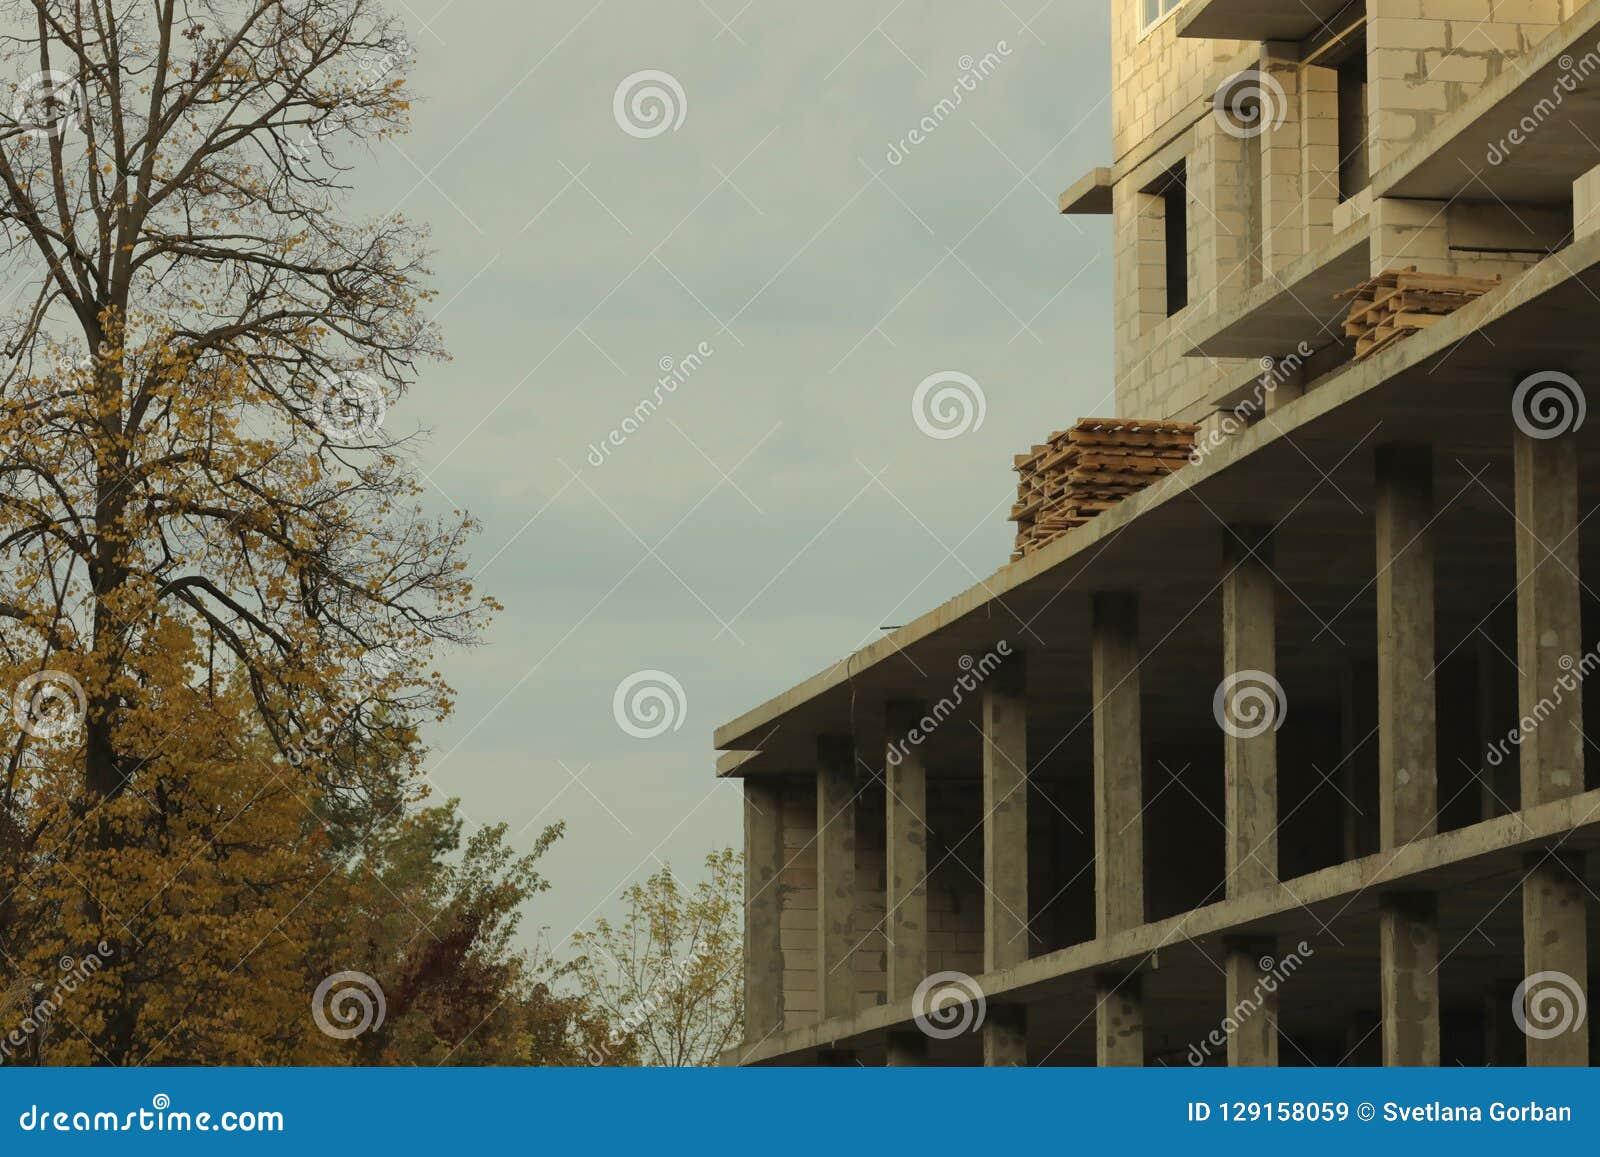 Ατελής πολυκατοικία, γερανός, αρχιτεκτονική